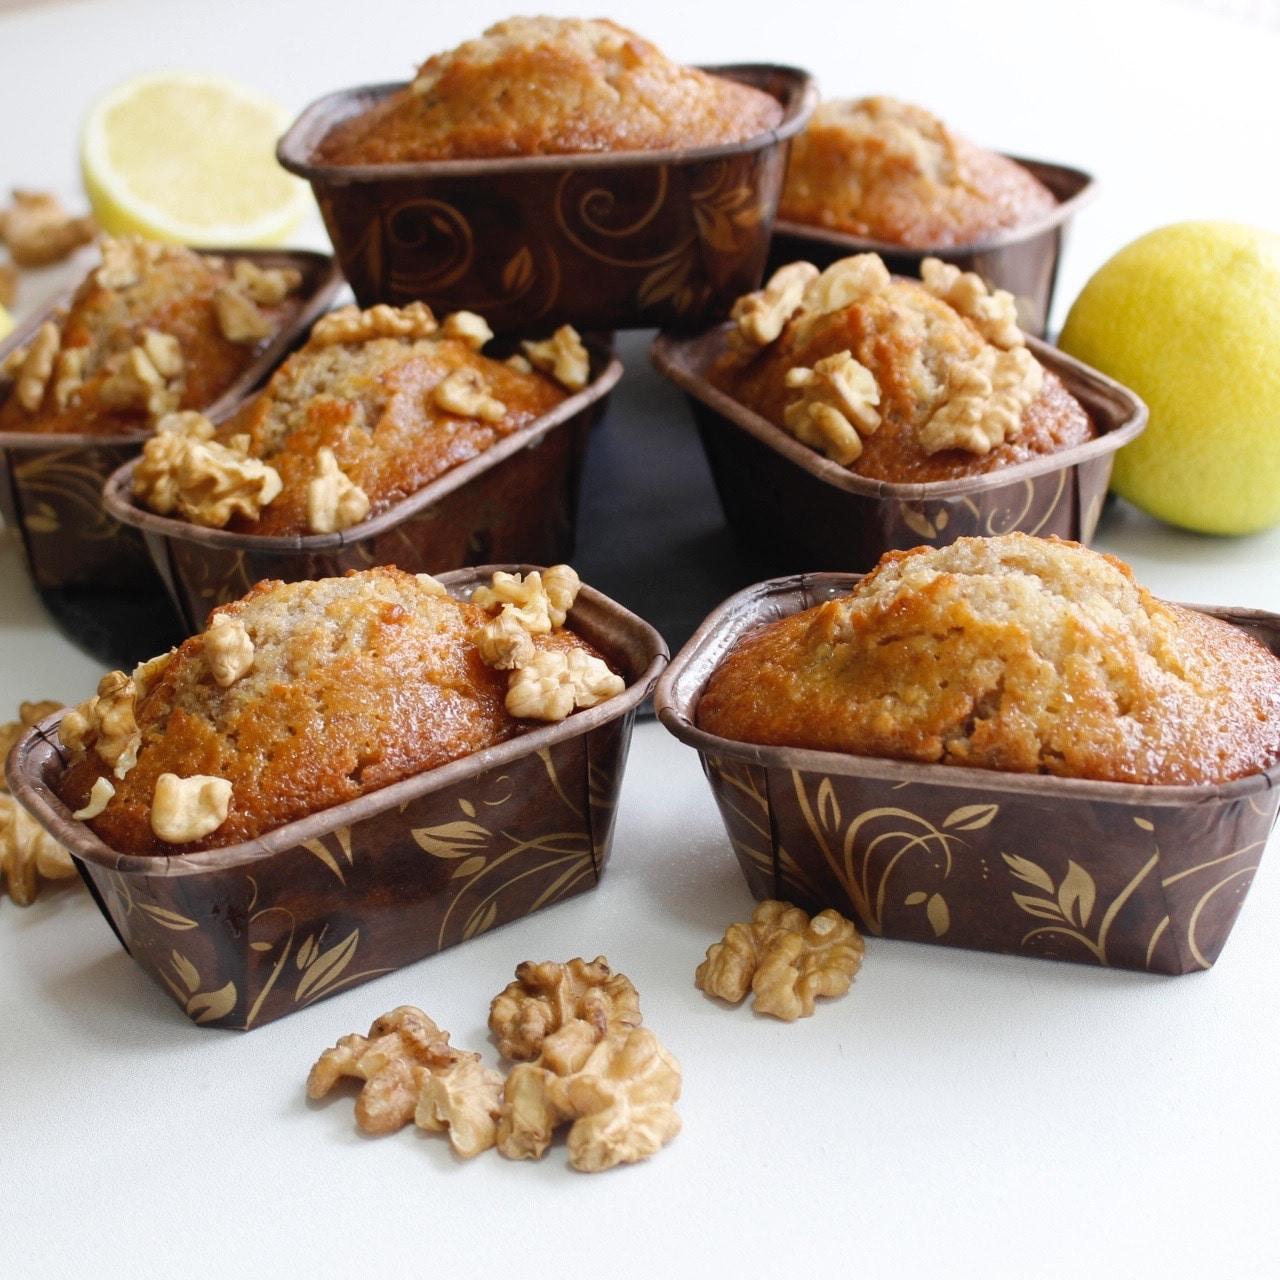 cake au citron et noix avec sirop- recette pour le goûter